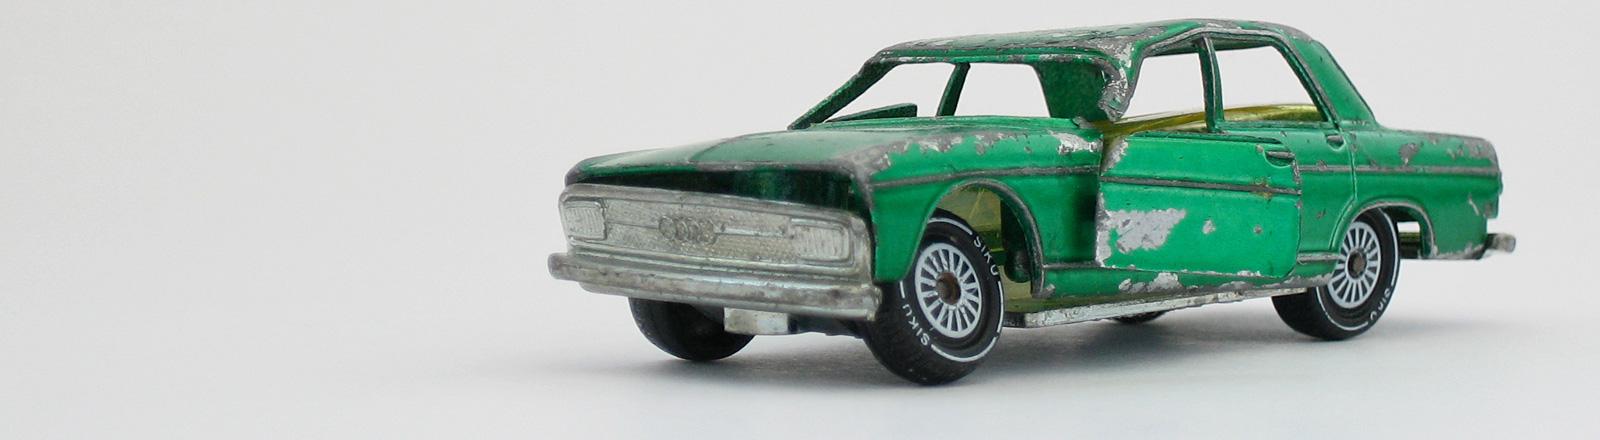 Ein grünes kaputtes Spielzeugauto vor grauem Hintergrund.